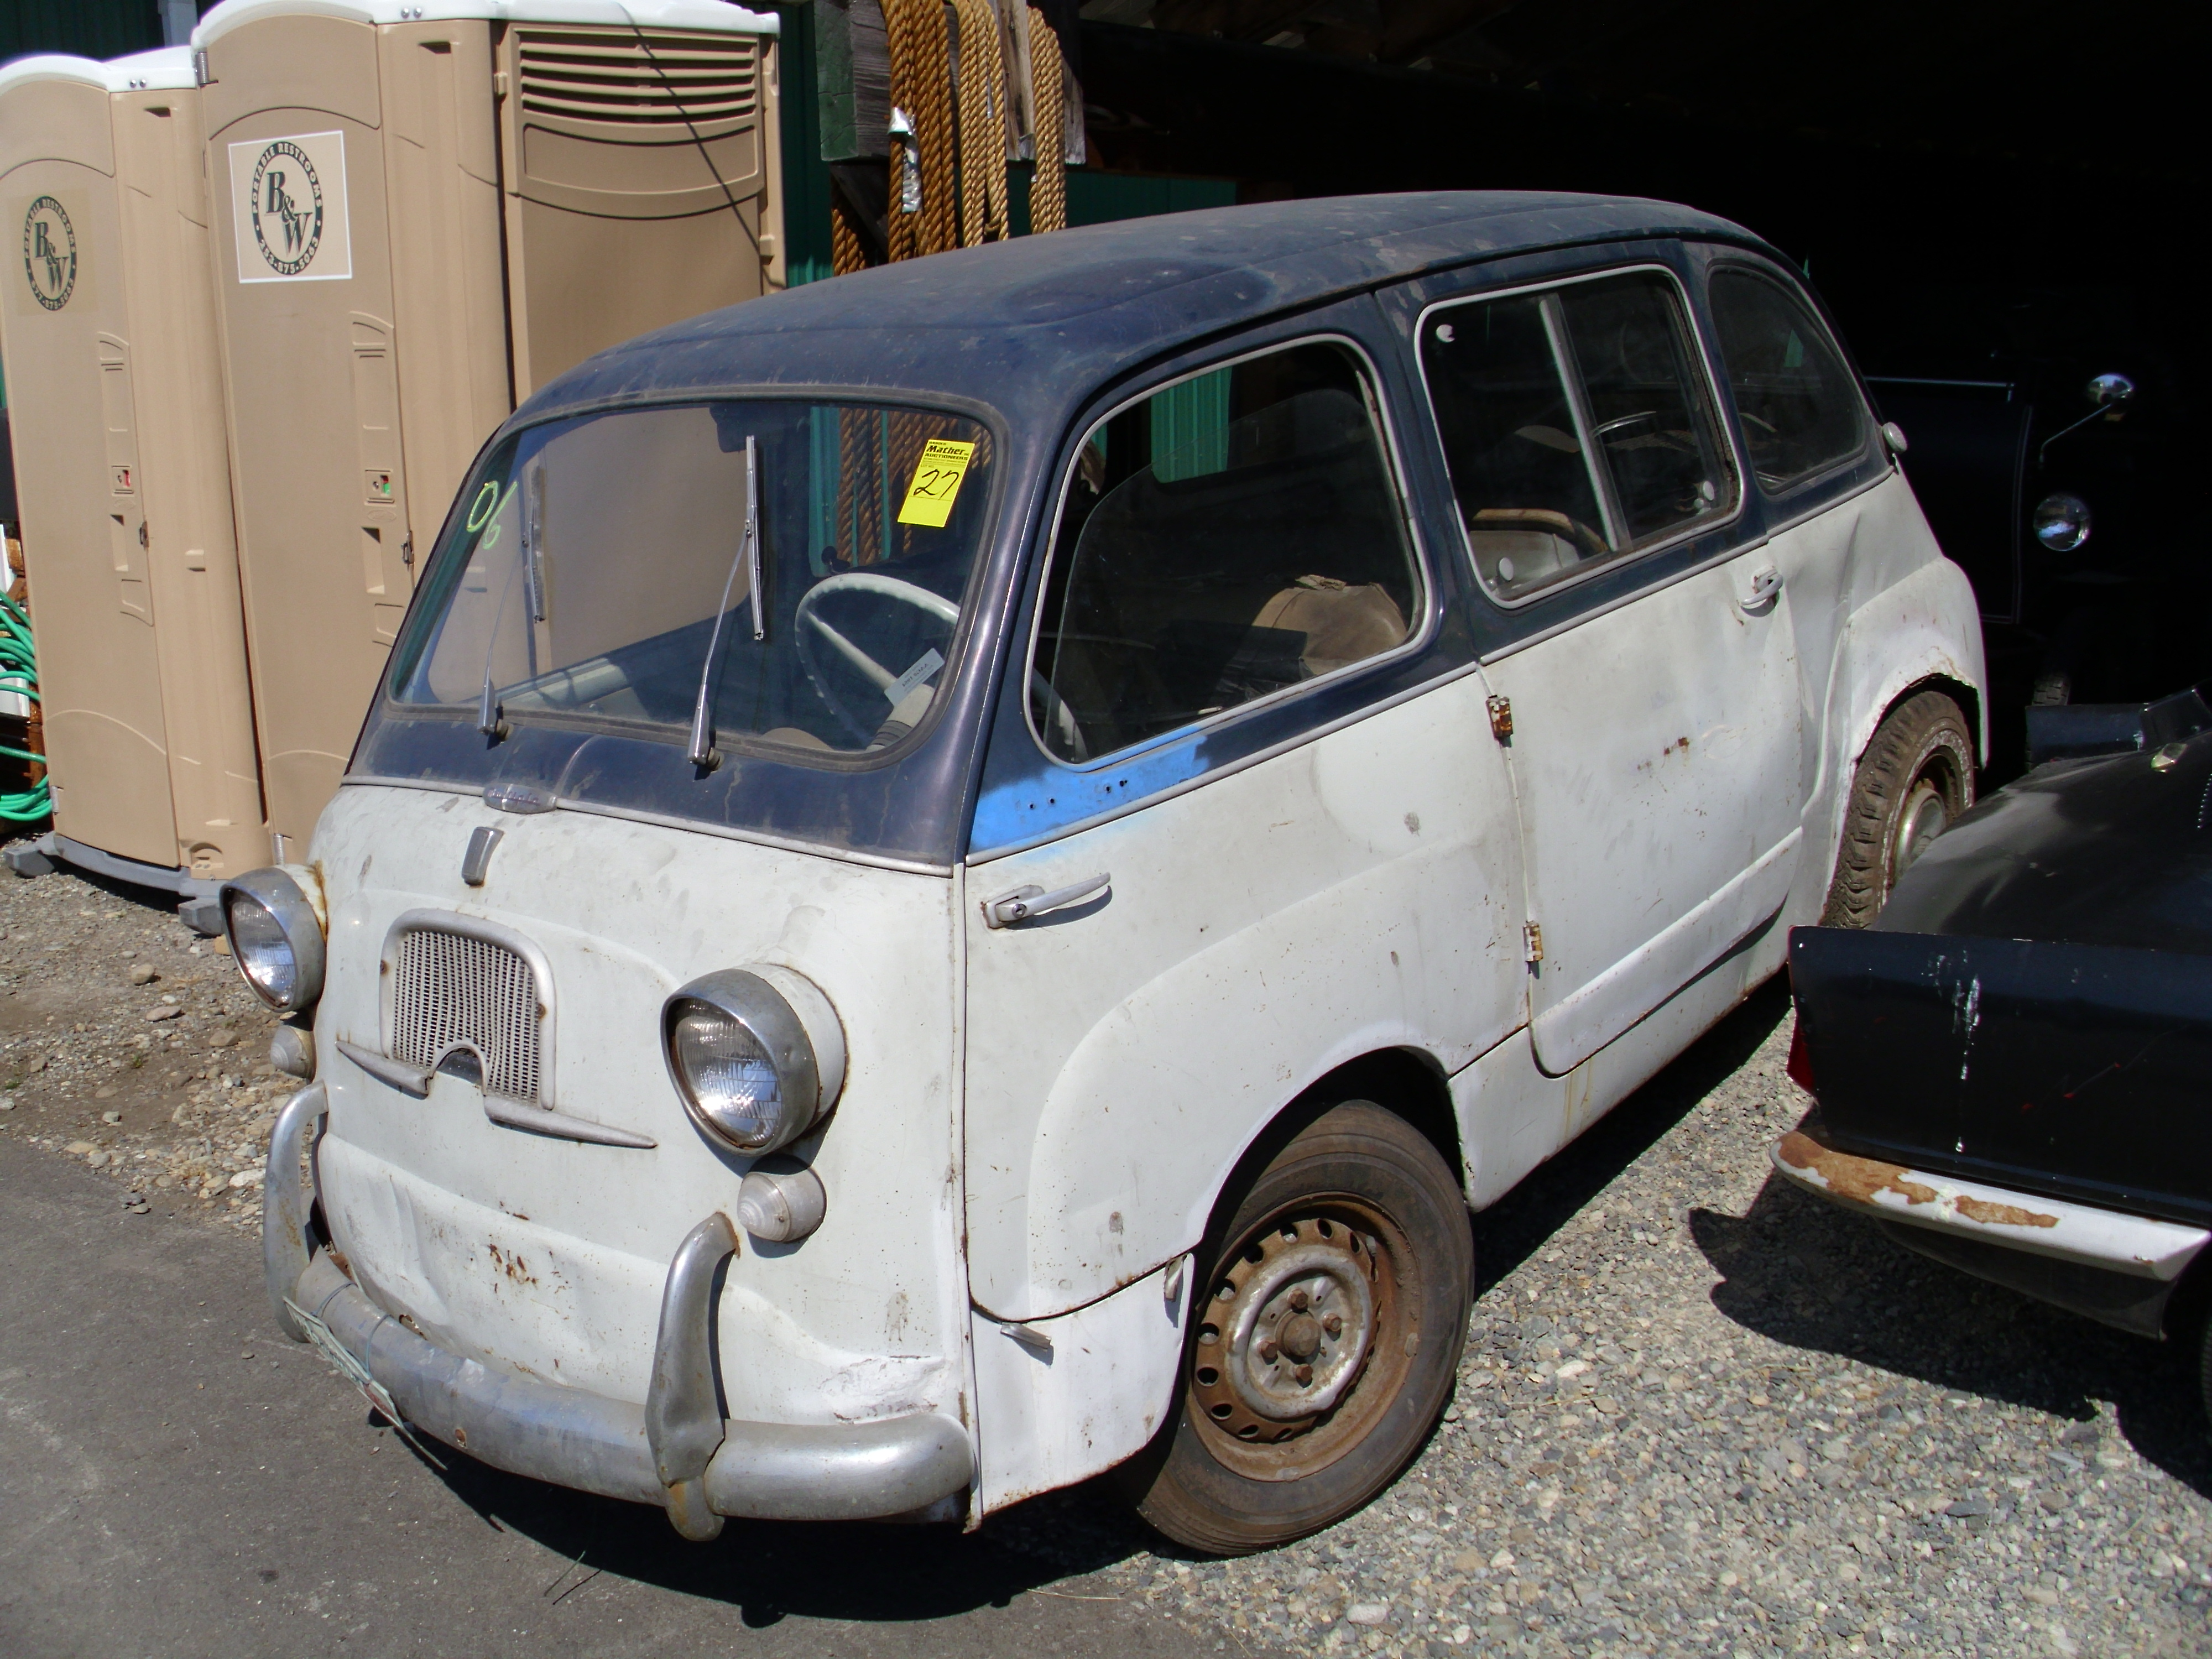 File:Flickr - Hugo90 - Fiat 600 Multipla.jpg - Wikimedia Commons